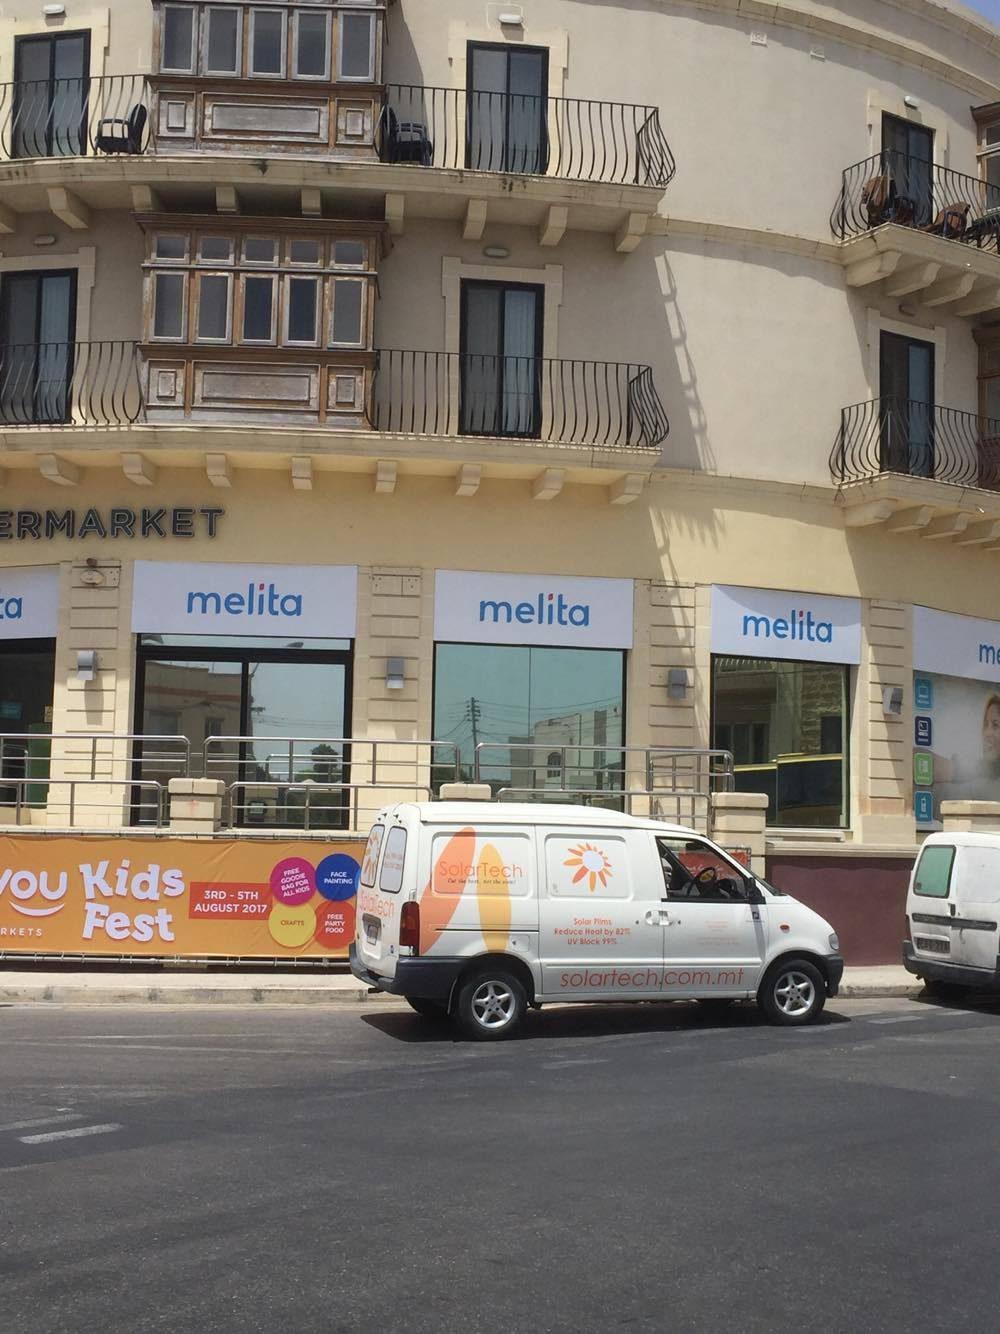 SolarTech Melita Naxxar outlet 7